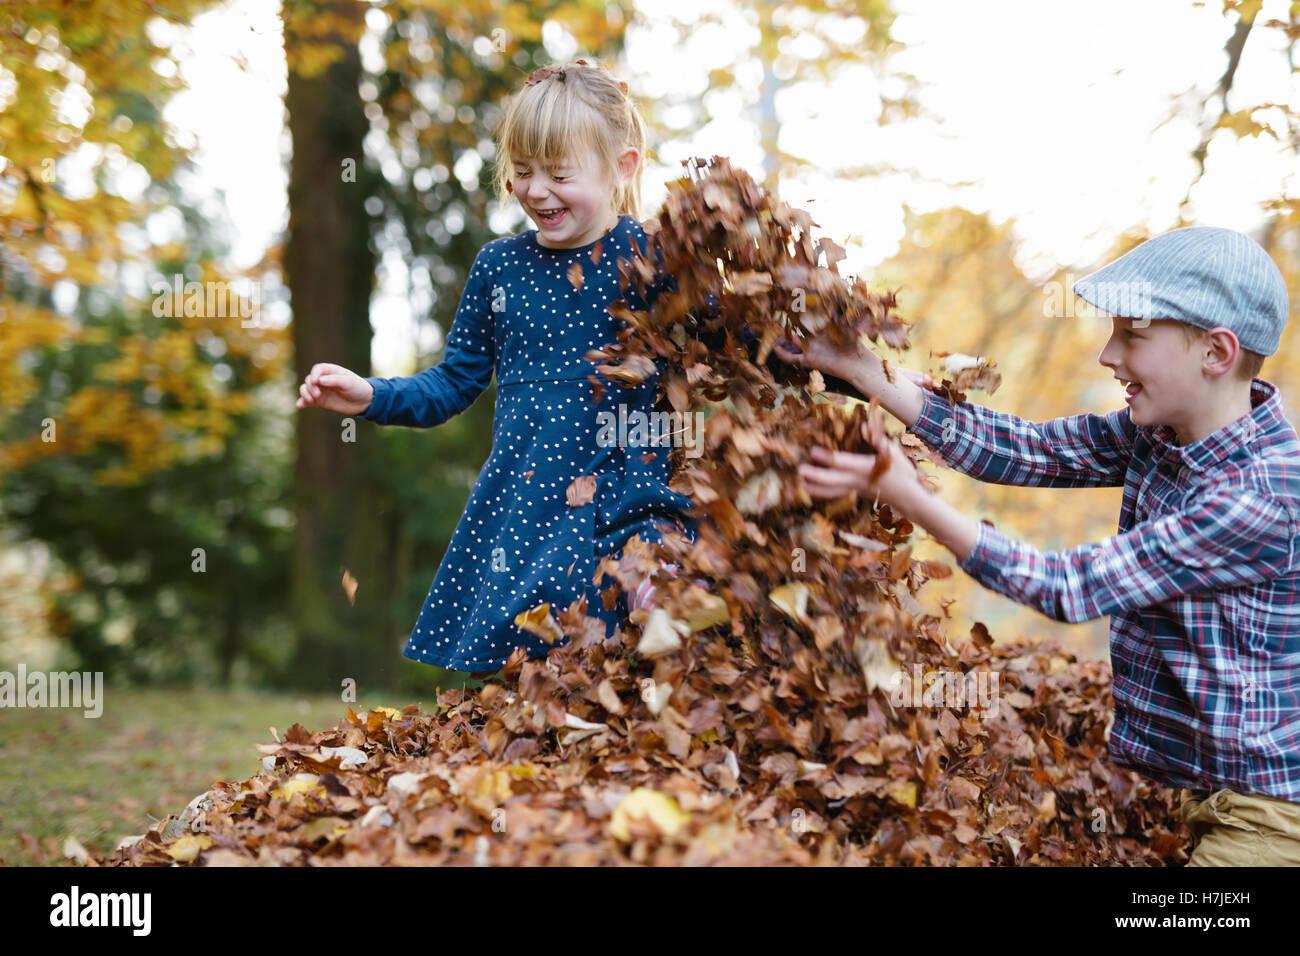 Felice l'autunno. Due bambini che giocavano in foglie secche palo in autunno park. Immagini Stock